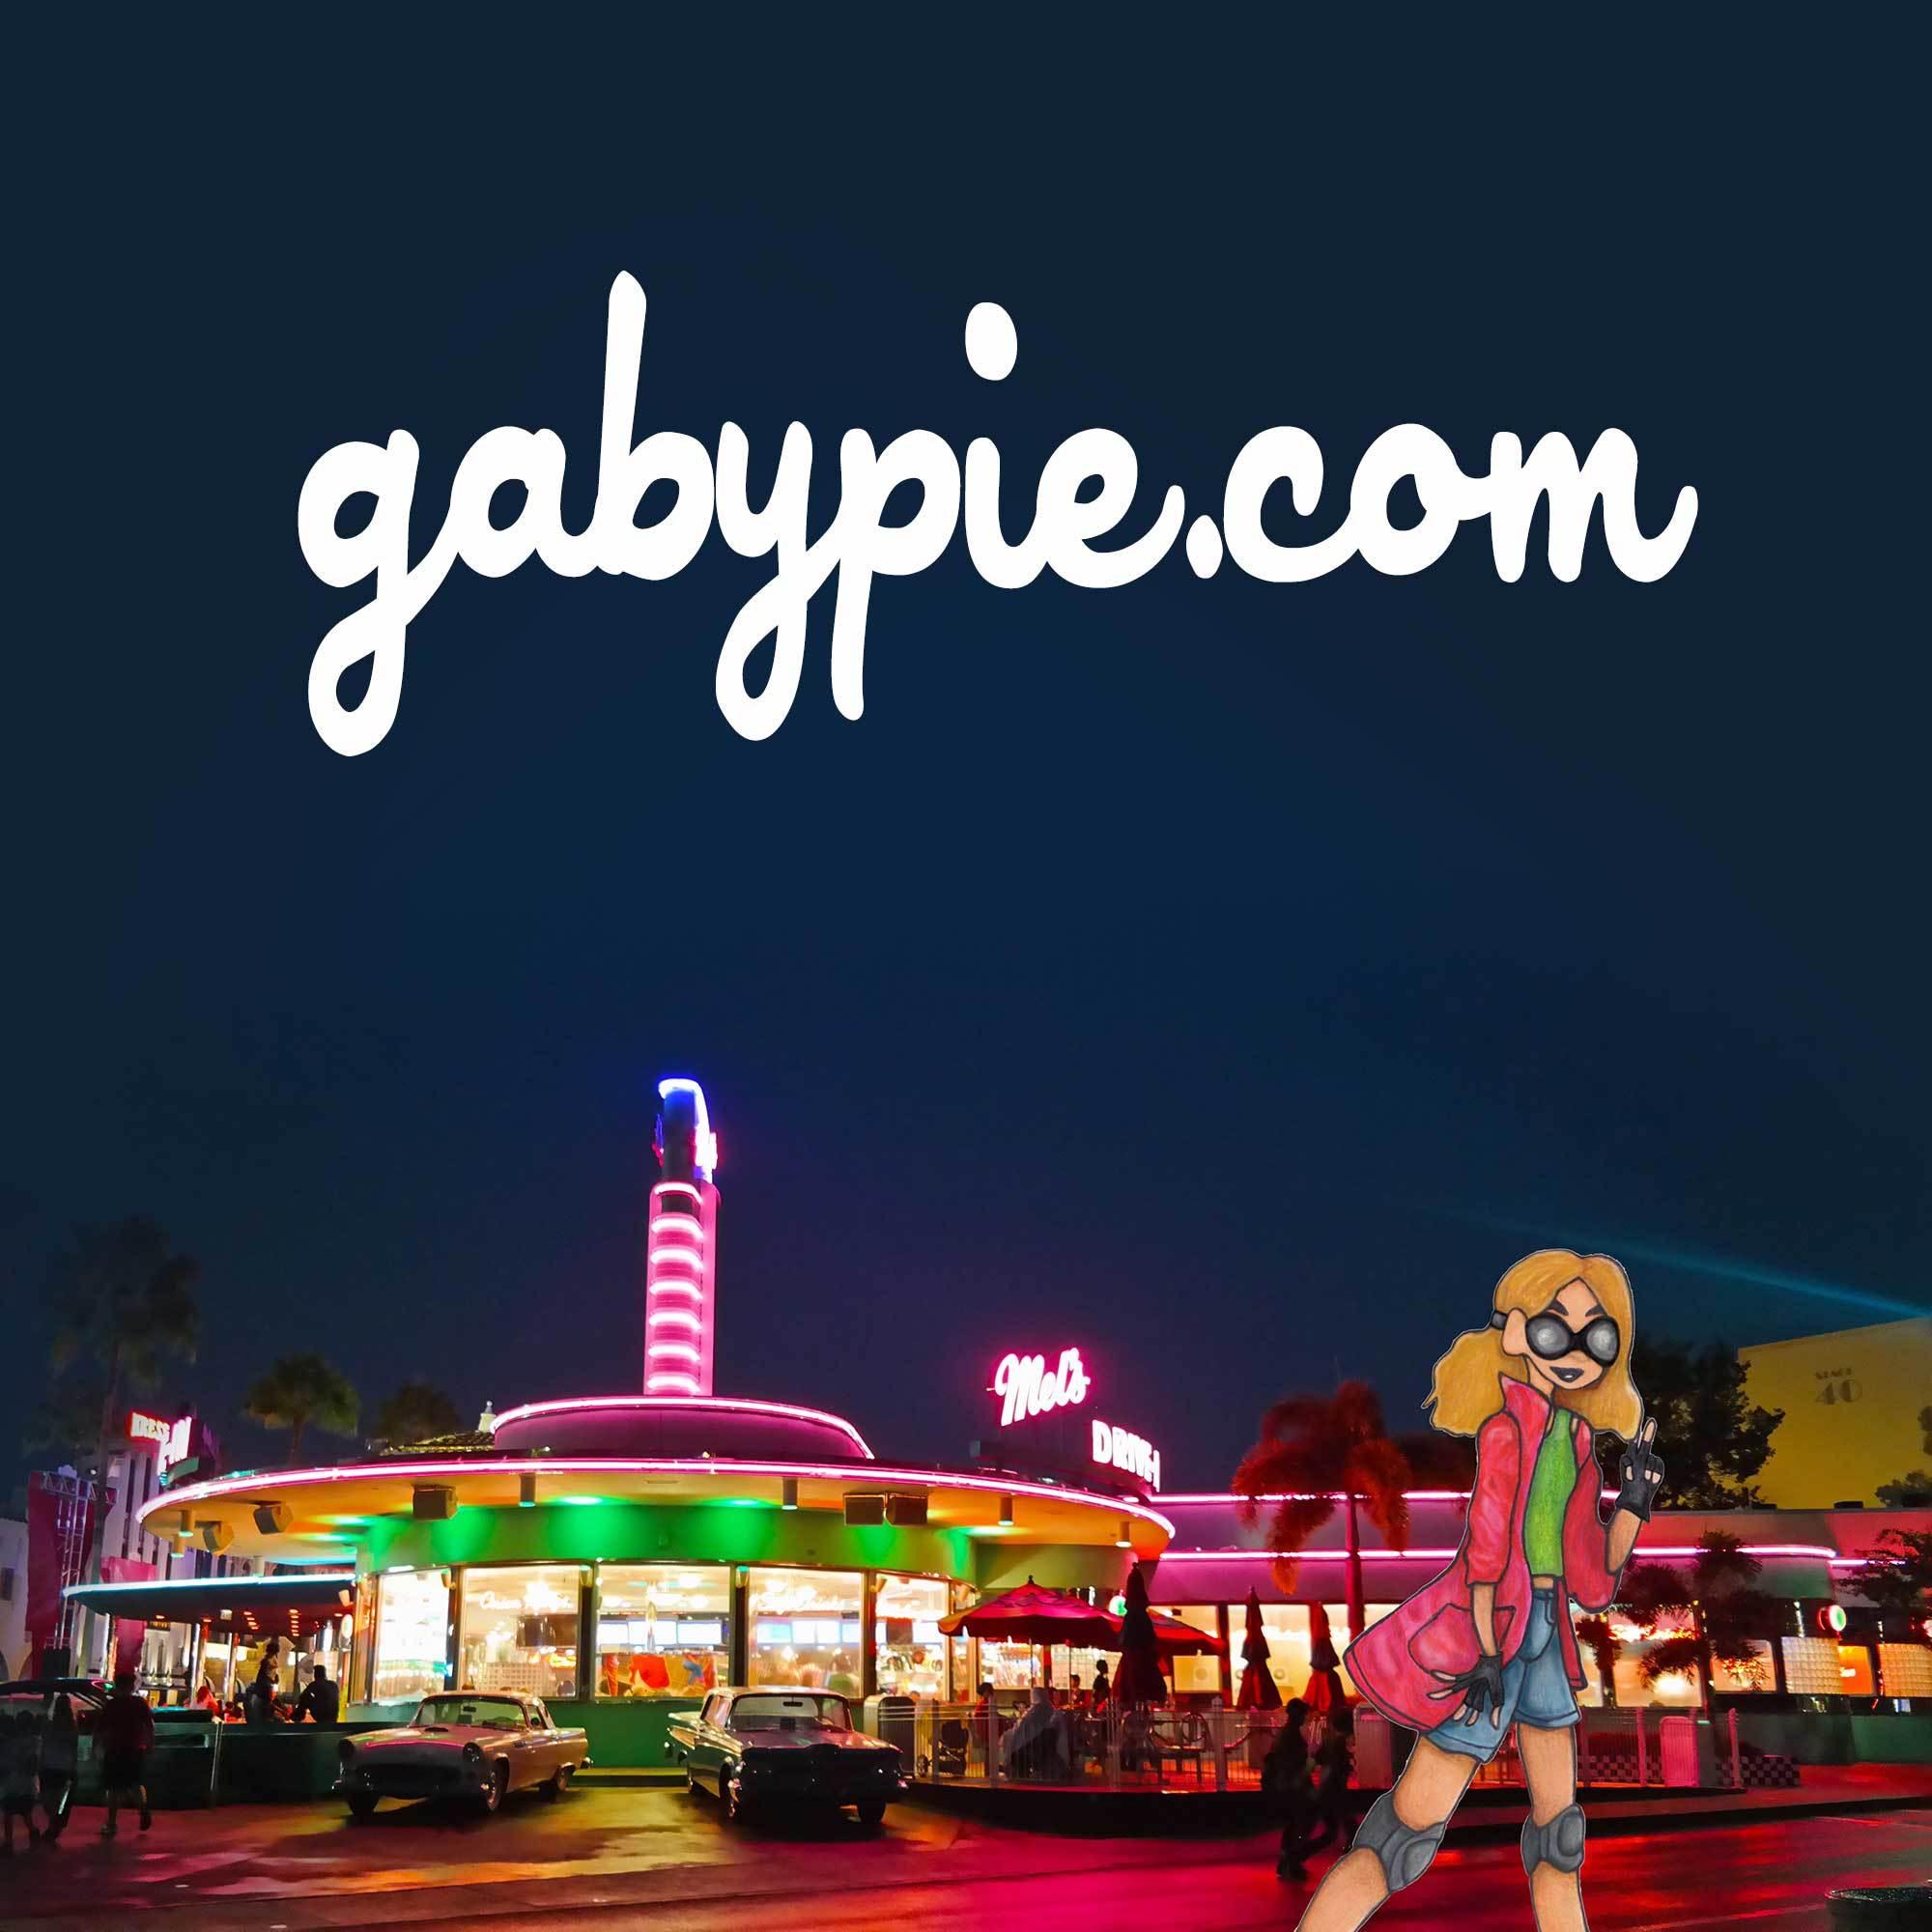 gabypie-dot-com